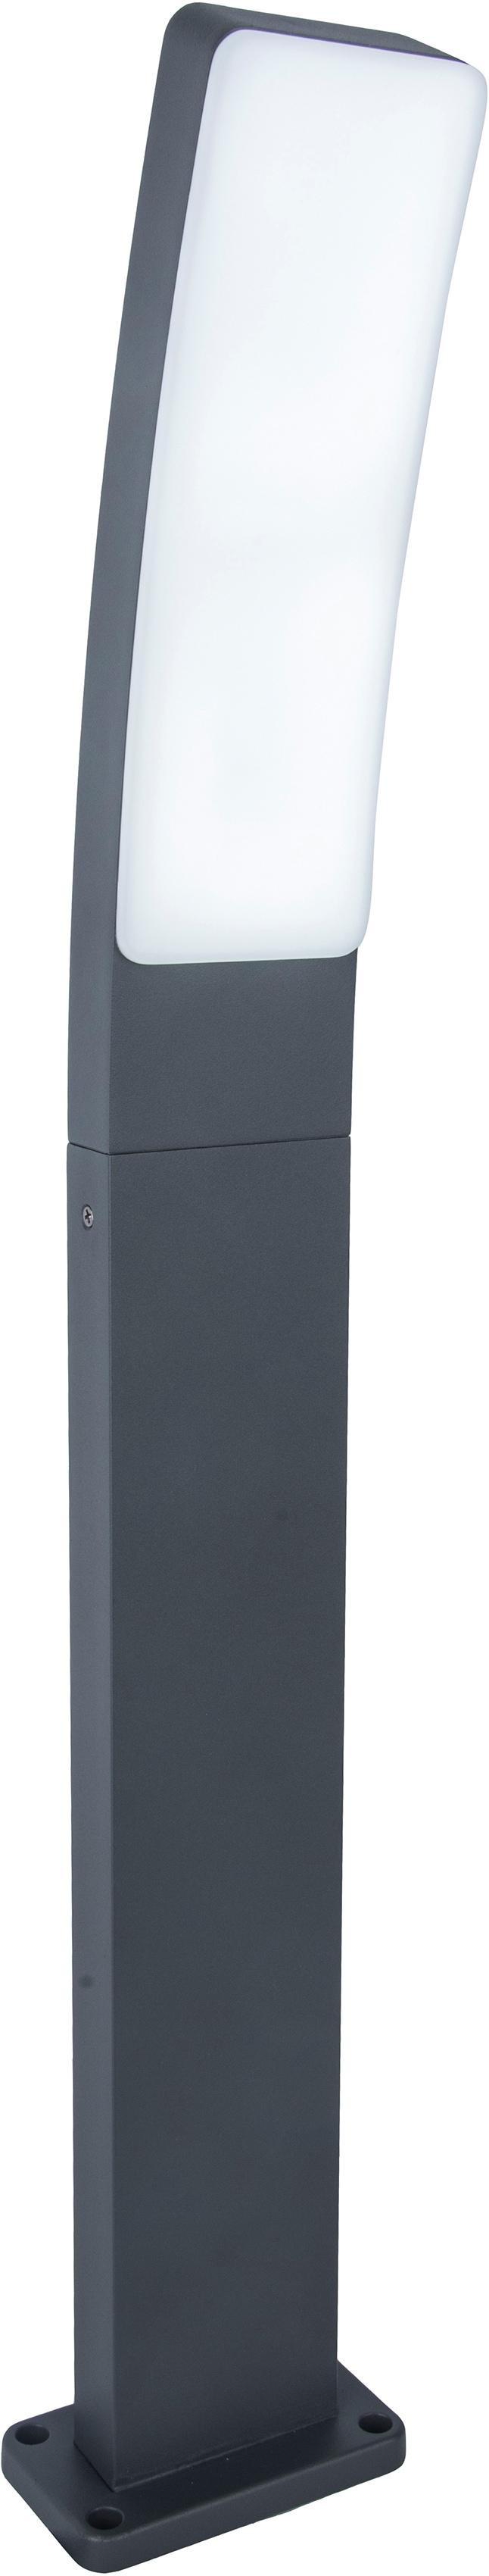 LUTEC LED Außen-Wandleuchte KIRA 7288902118, LED-Modul, 1 St., Neutralweiß